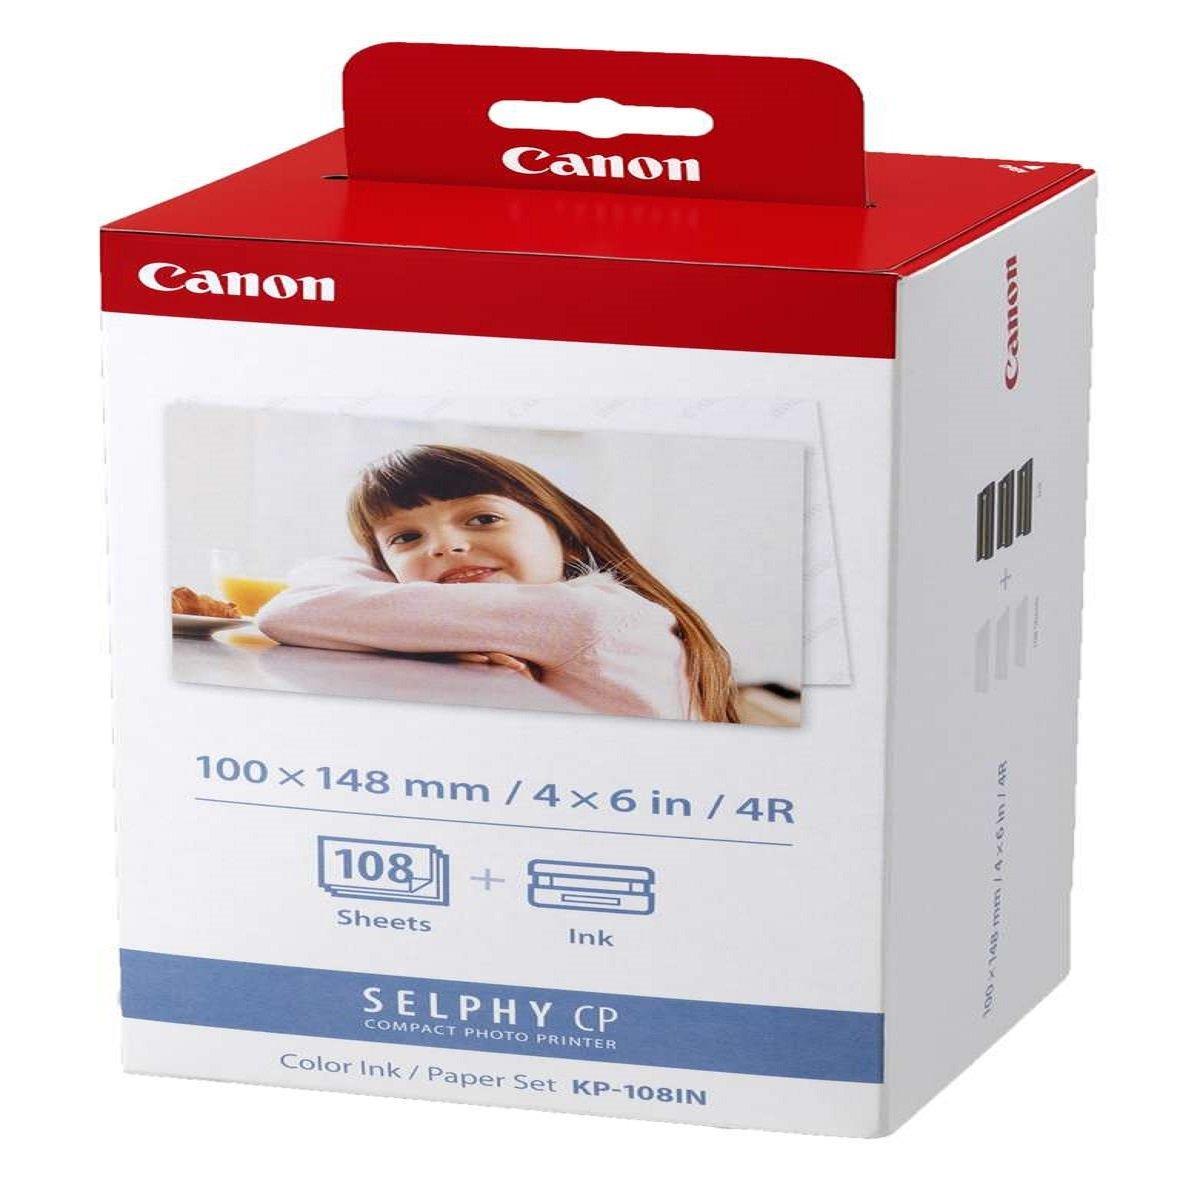 ClaroShop: Cartucho para impresora Canon Selphy de 108 hojas